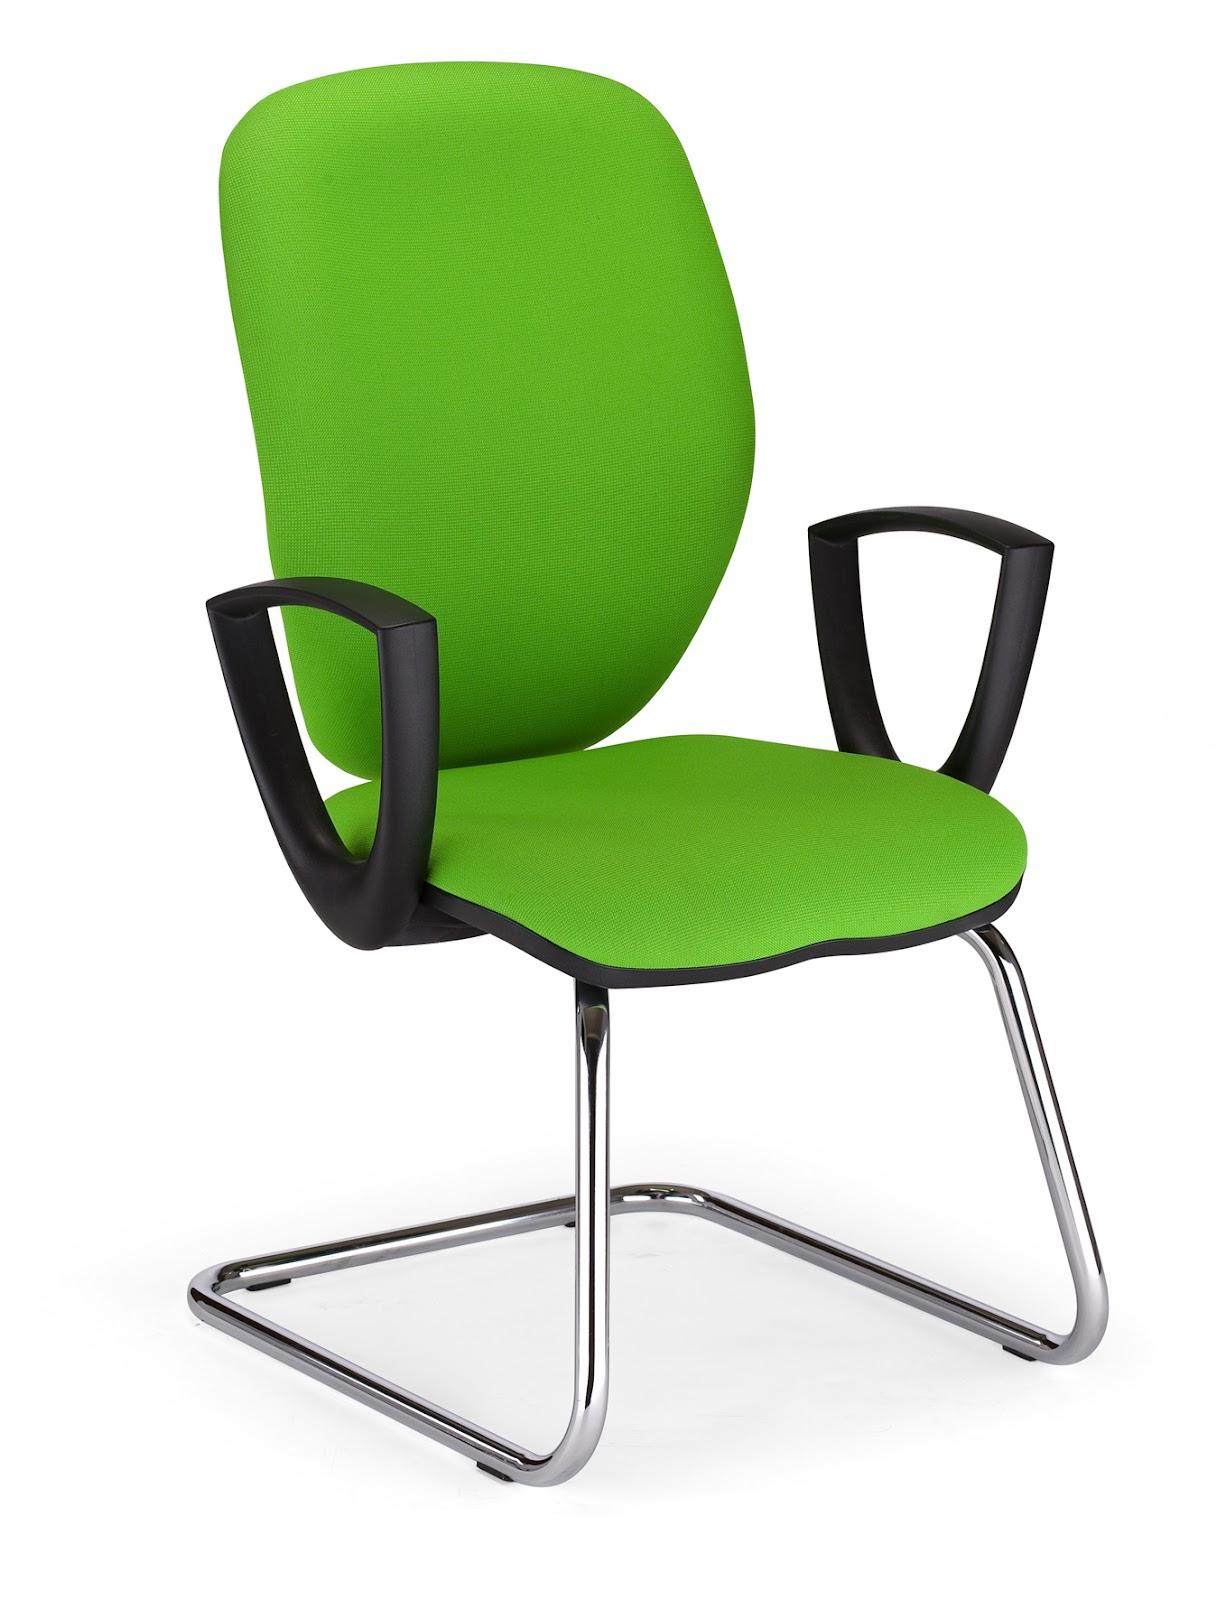 Ekstremalne Krzesło Obrotowe Bez Kółek Eal64 Usafrica